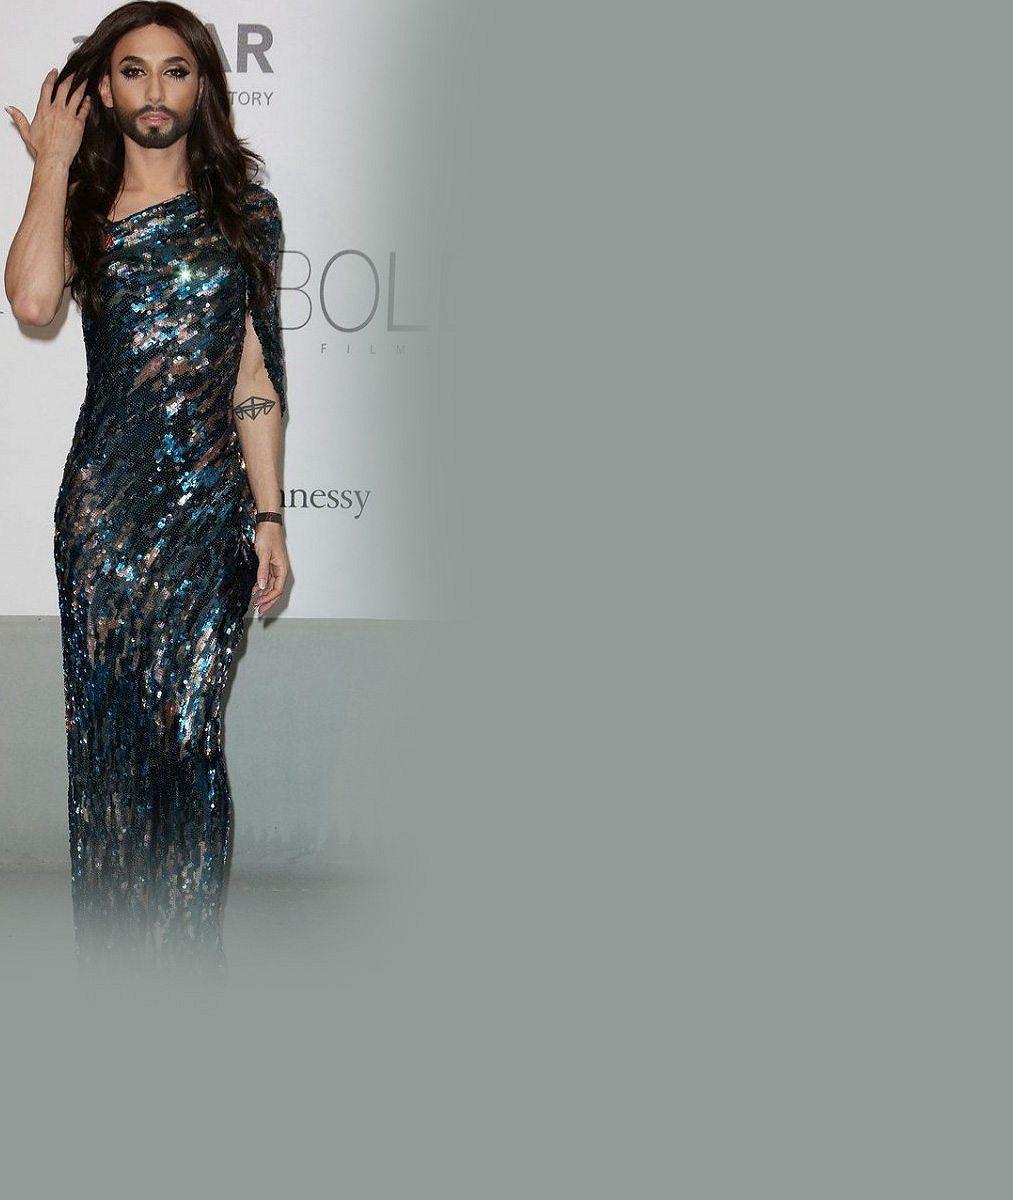 Vousatá vítězka Eurovize se už neholí ani na hrudi: Podívejte se, jak zmužněla Conchita Wurst